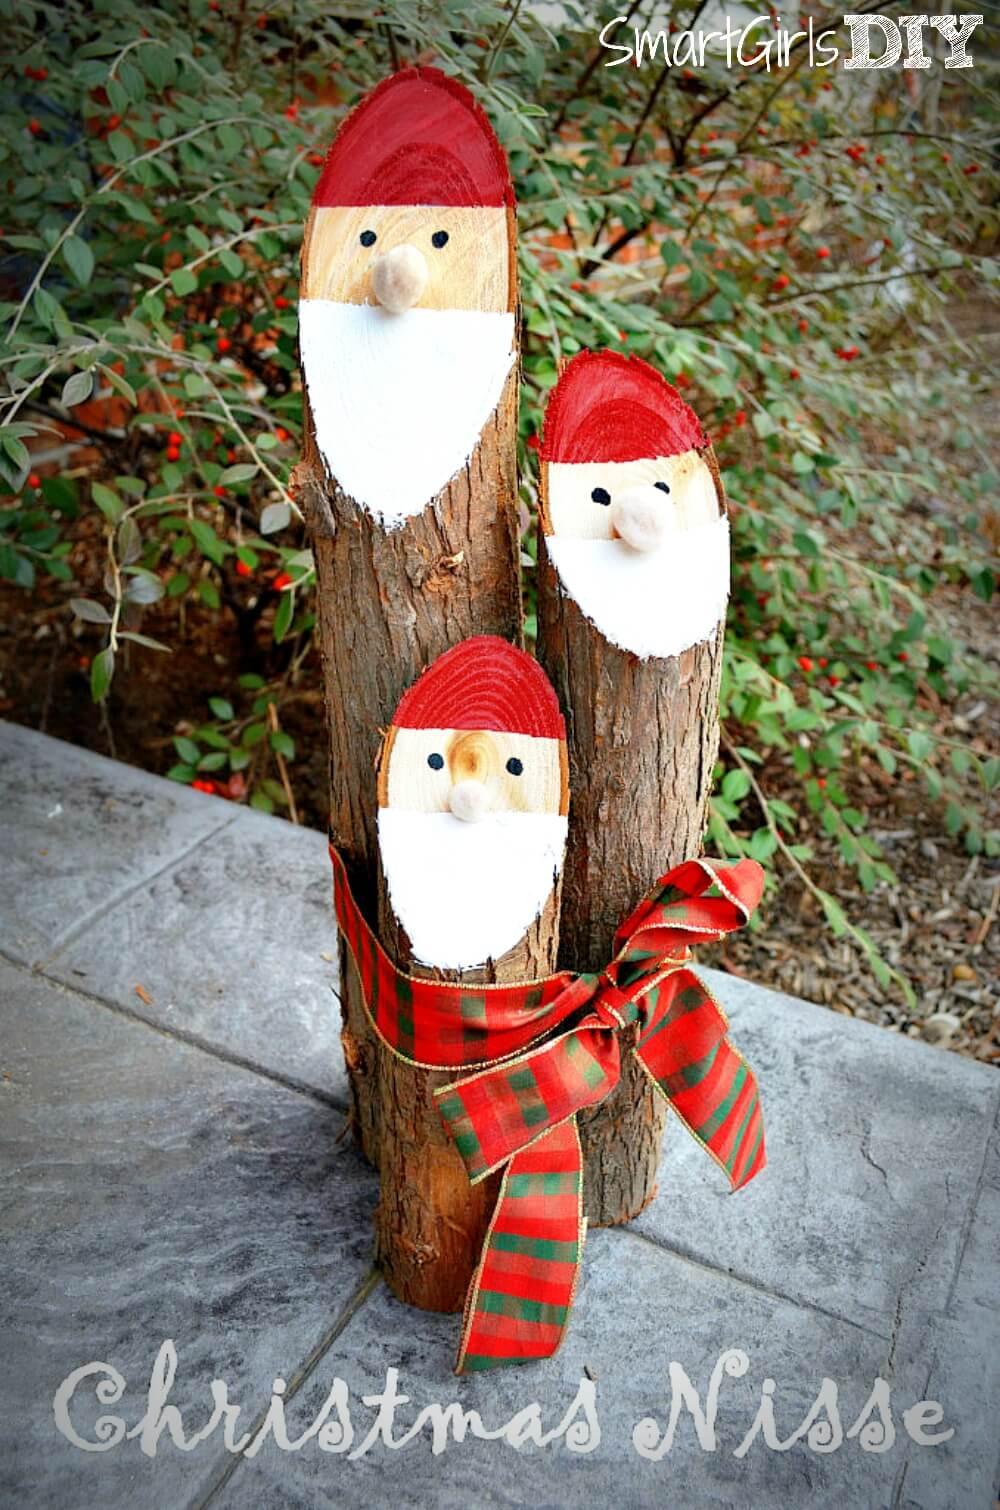 Danish Christmas Ornaments To Make